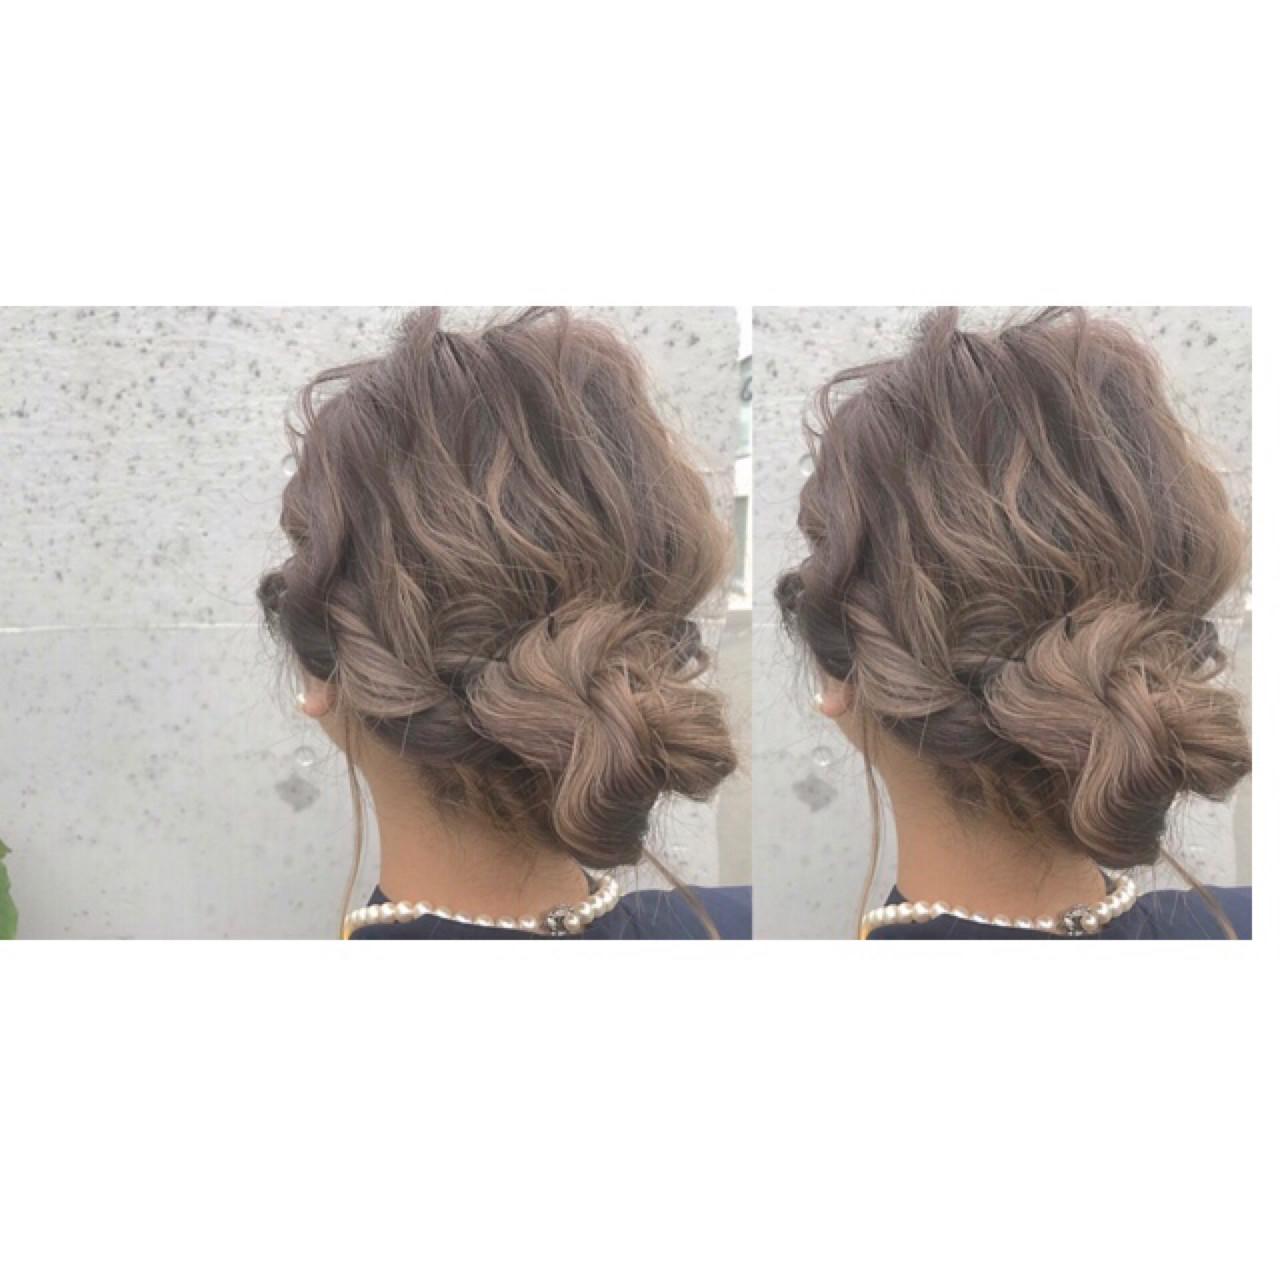 お団子 ヘアアレンジ ロング ナチュラル ヘアスタイルや髪型の写真・画像 | Rie Akita / LOAVE omotesando